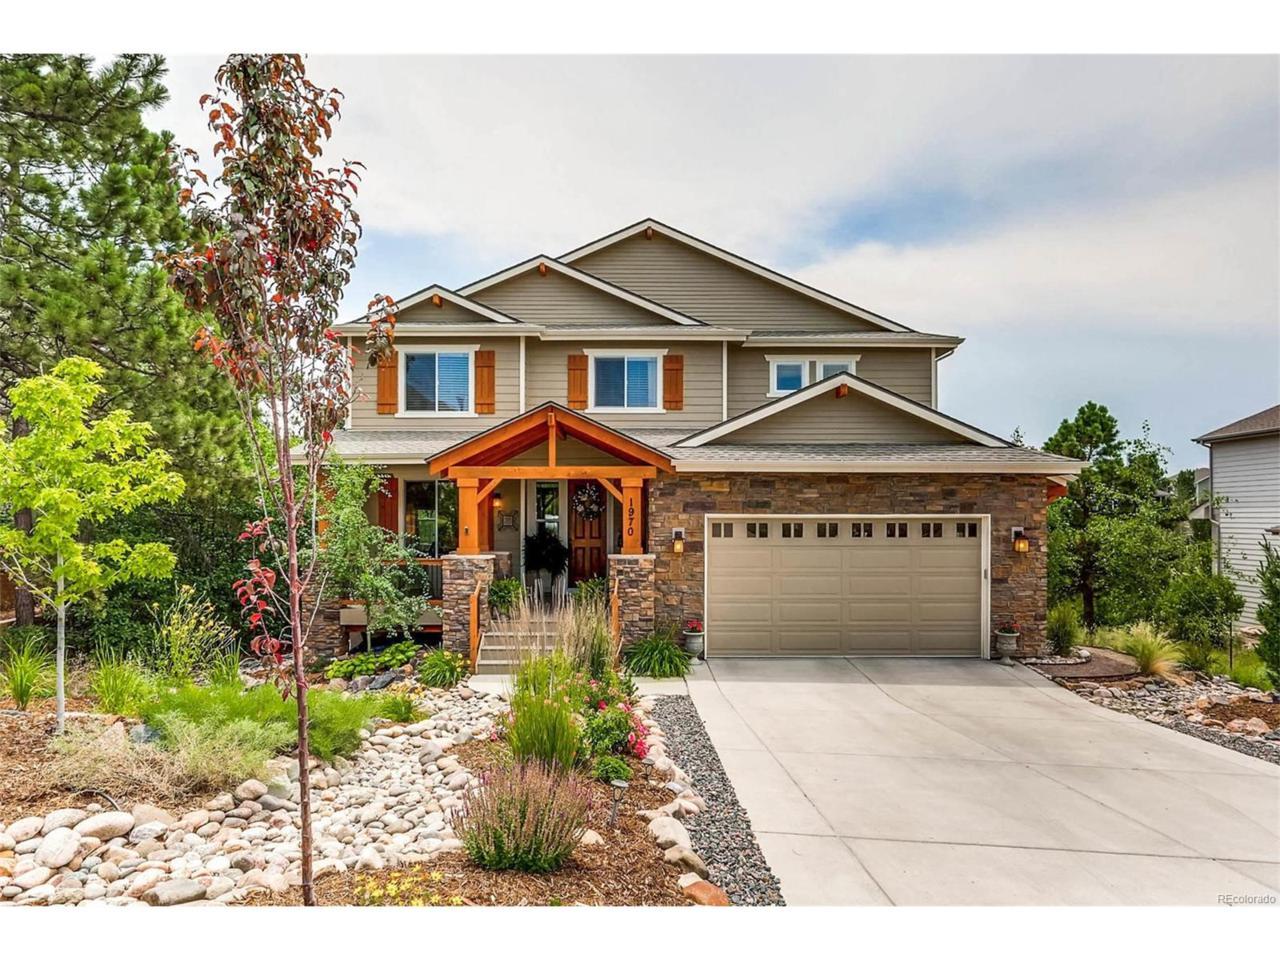 1970 Woodbourne Terrace, Castle Rock, CO 80104 (MLS #3544145) :: 8z Real Estate